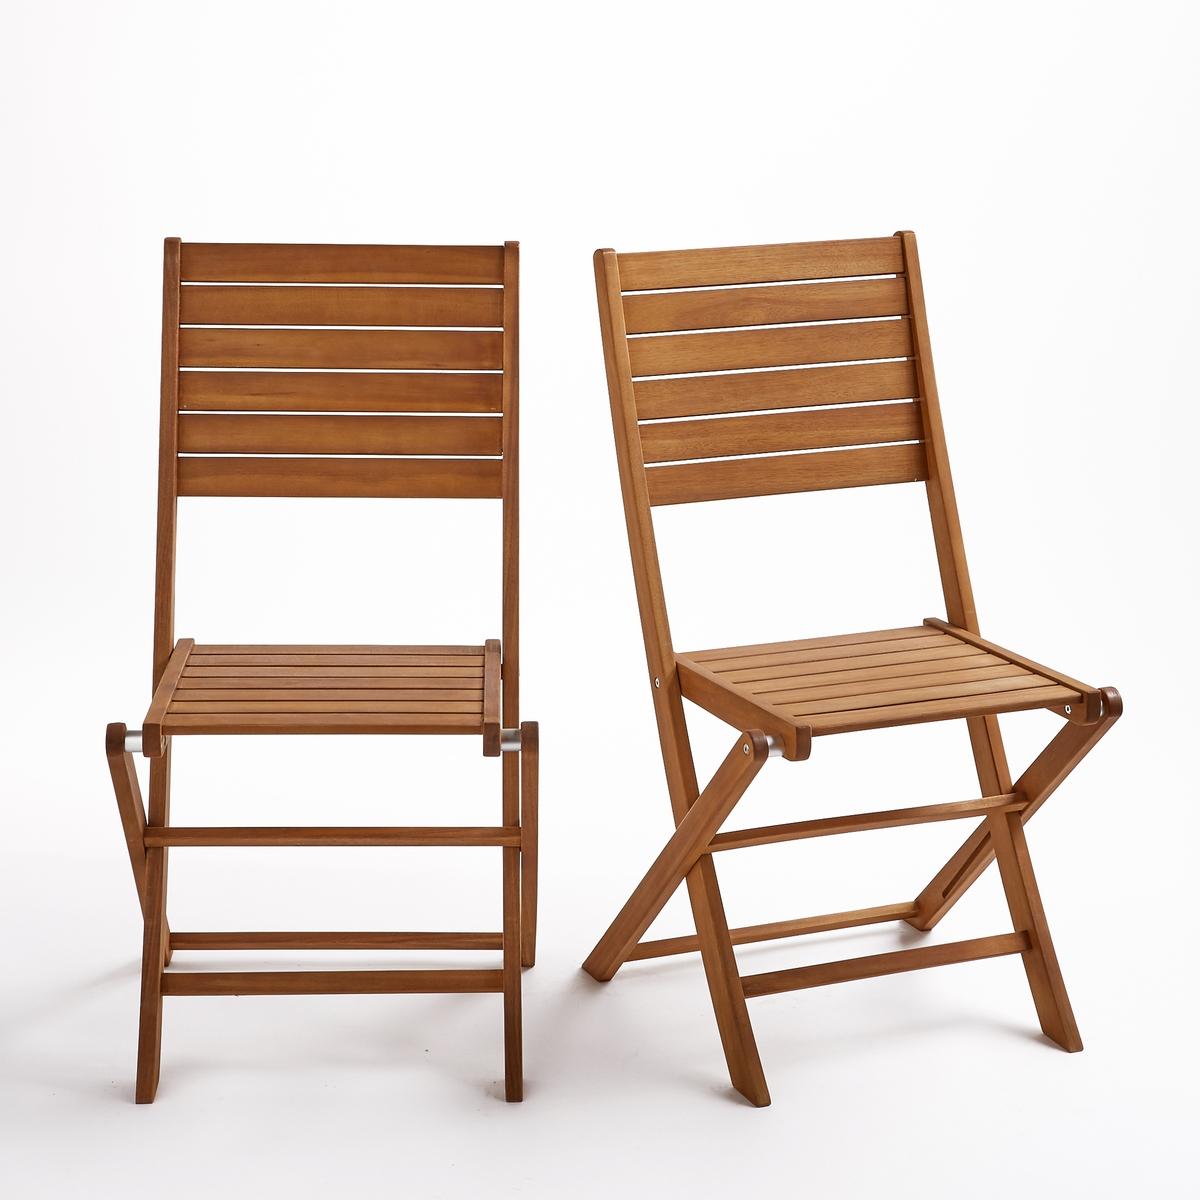 Комплект из 2 складных стульев из эвкалипта, Euka